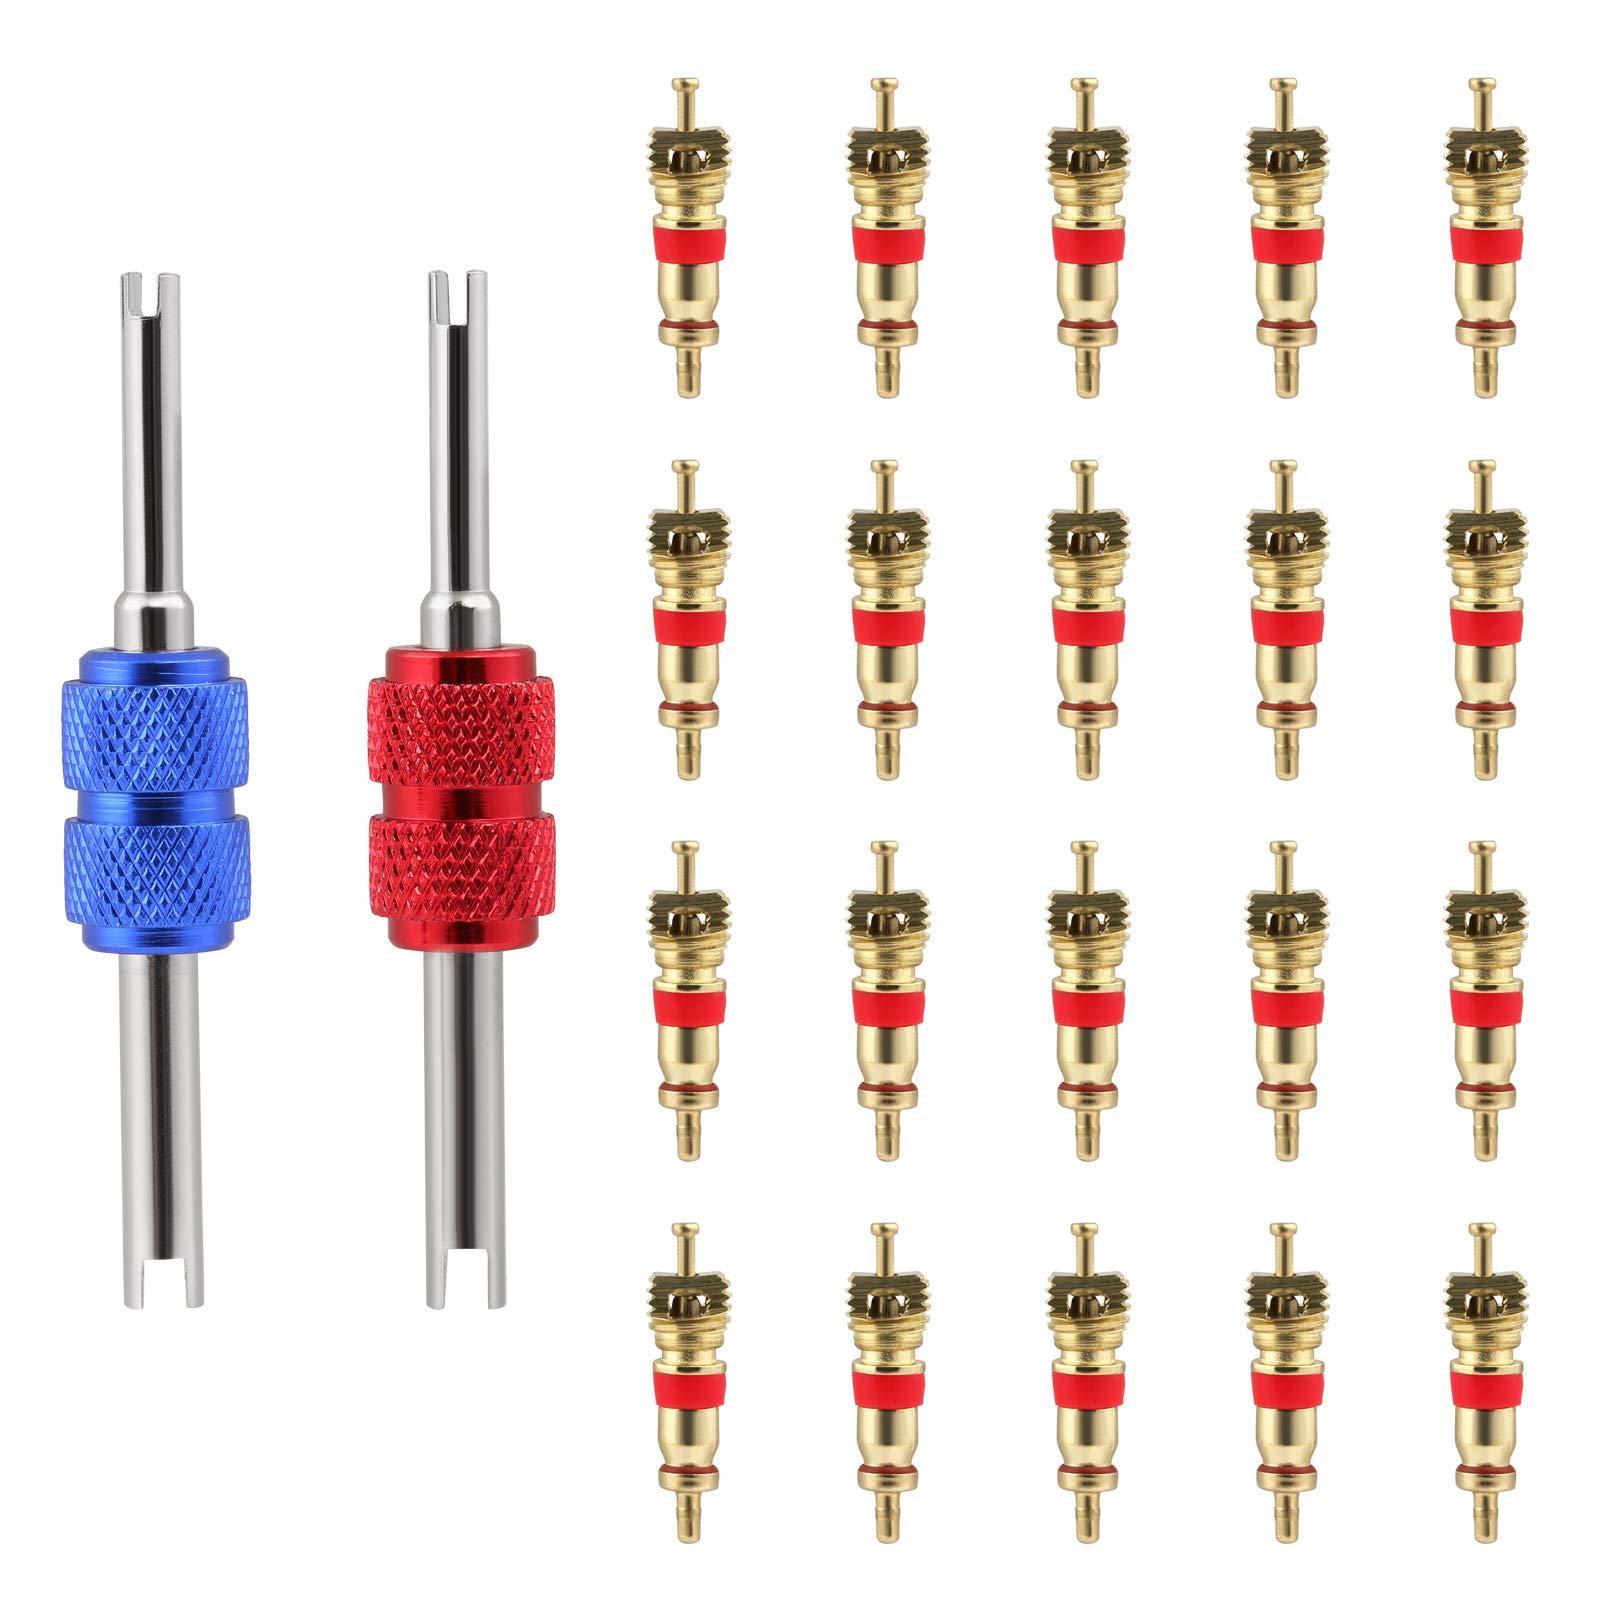 Doppel-Einkopf-Ventil Entferner +6 Ventil Kerne 4-Wege-Ventilwerkzeug 4 In1 Reifenventilentferner Ventil Reifenventil-Reparatur-Werkzeug-Satz